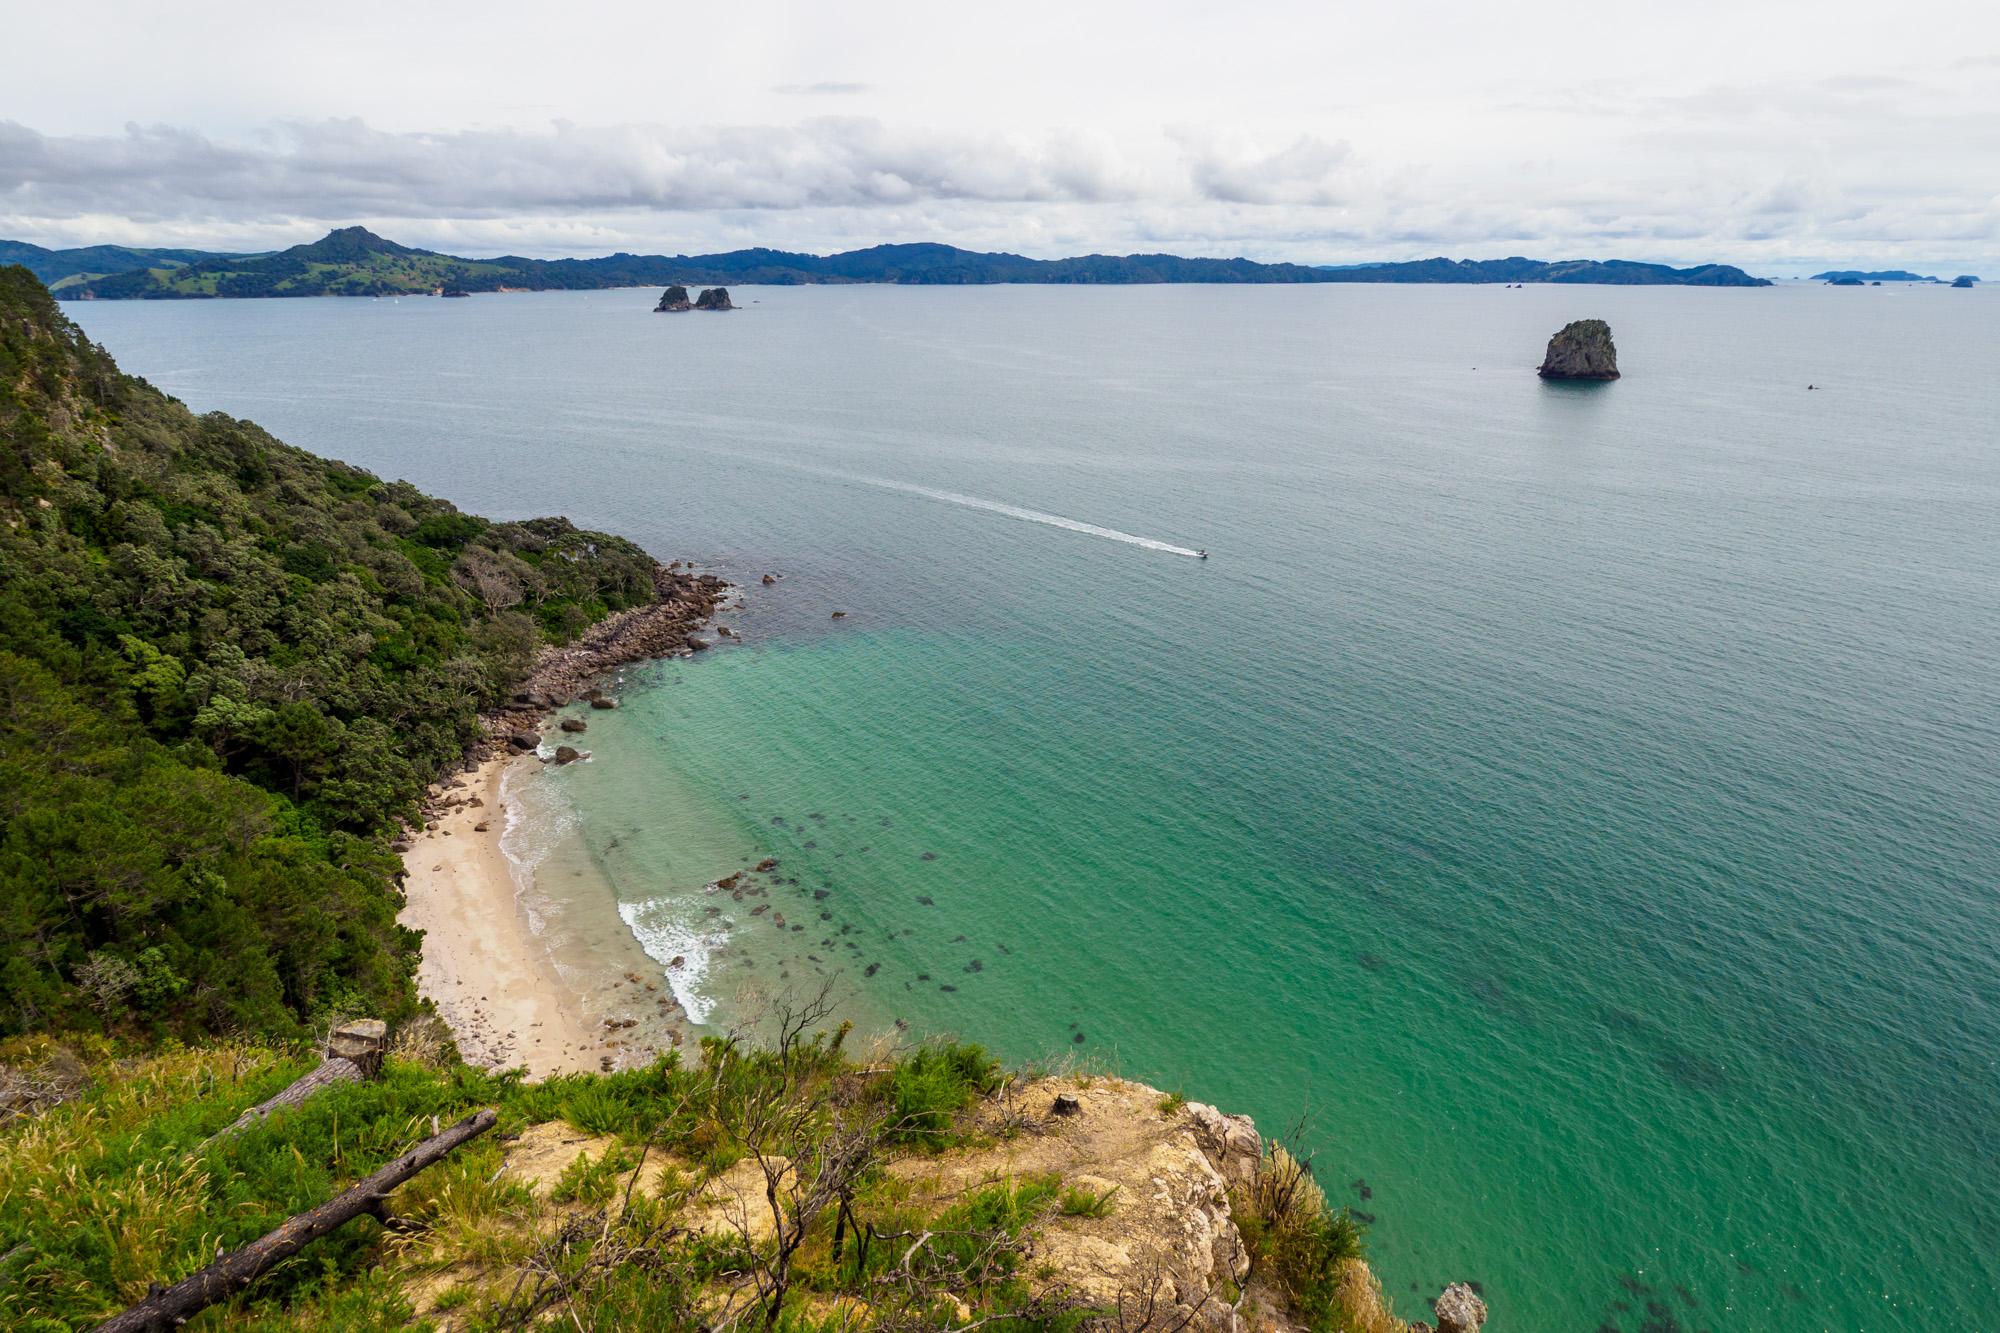 Coromandel - Aussicht auf die Küste der Coromandel Halbinsel